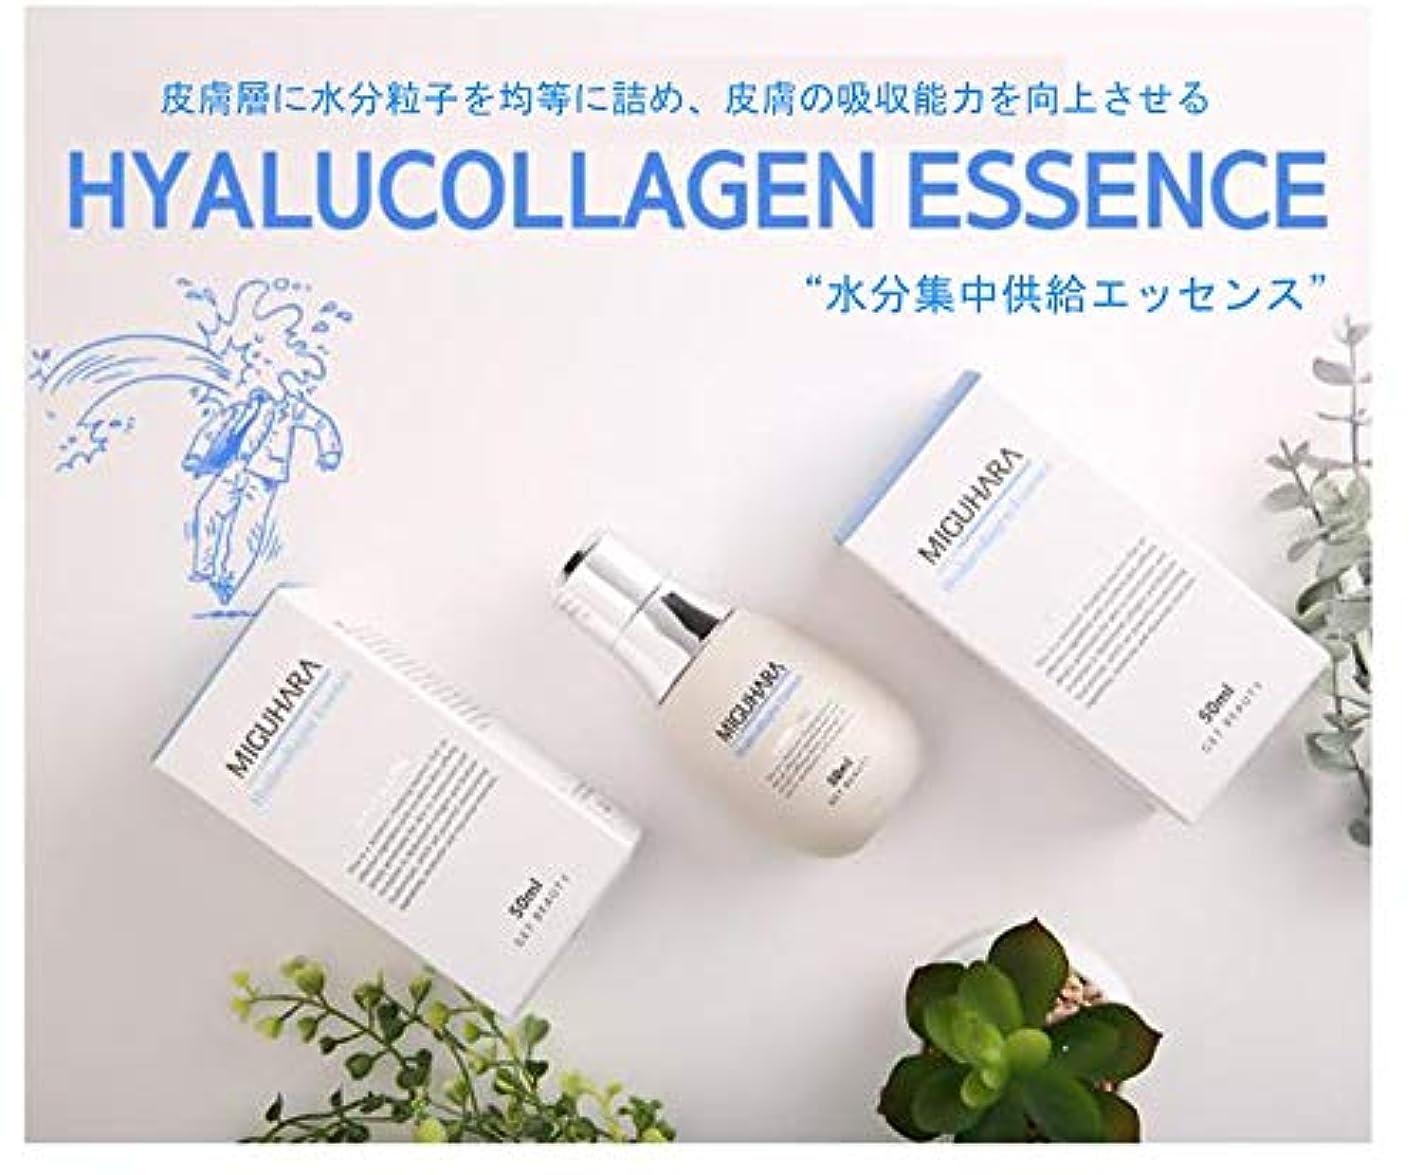 ヒステリックどちらもベーシックMIGUHARA Hyalucollagen Essence 50ml /ヒアルロンコラーゲンエッセンス 50ml